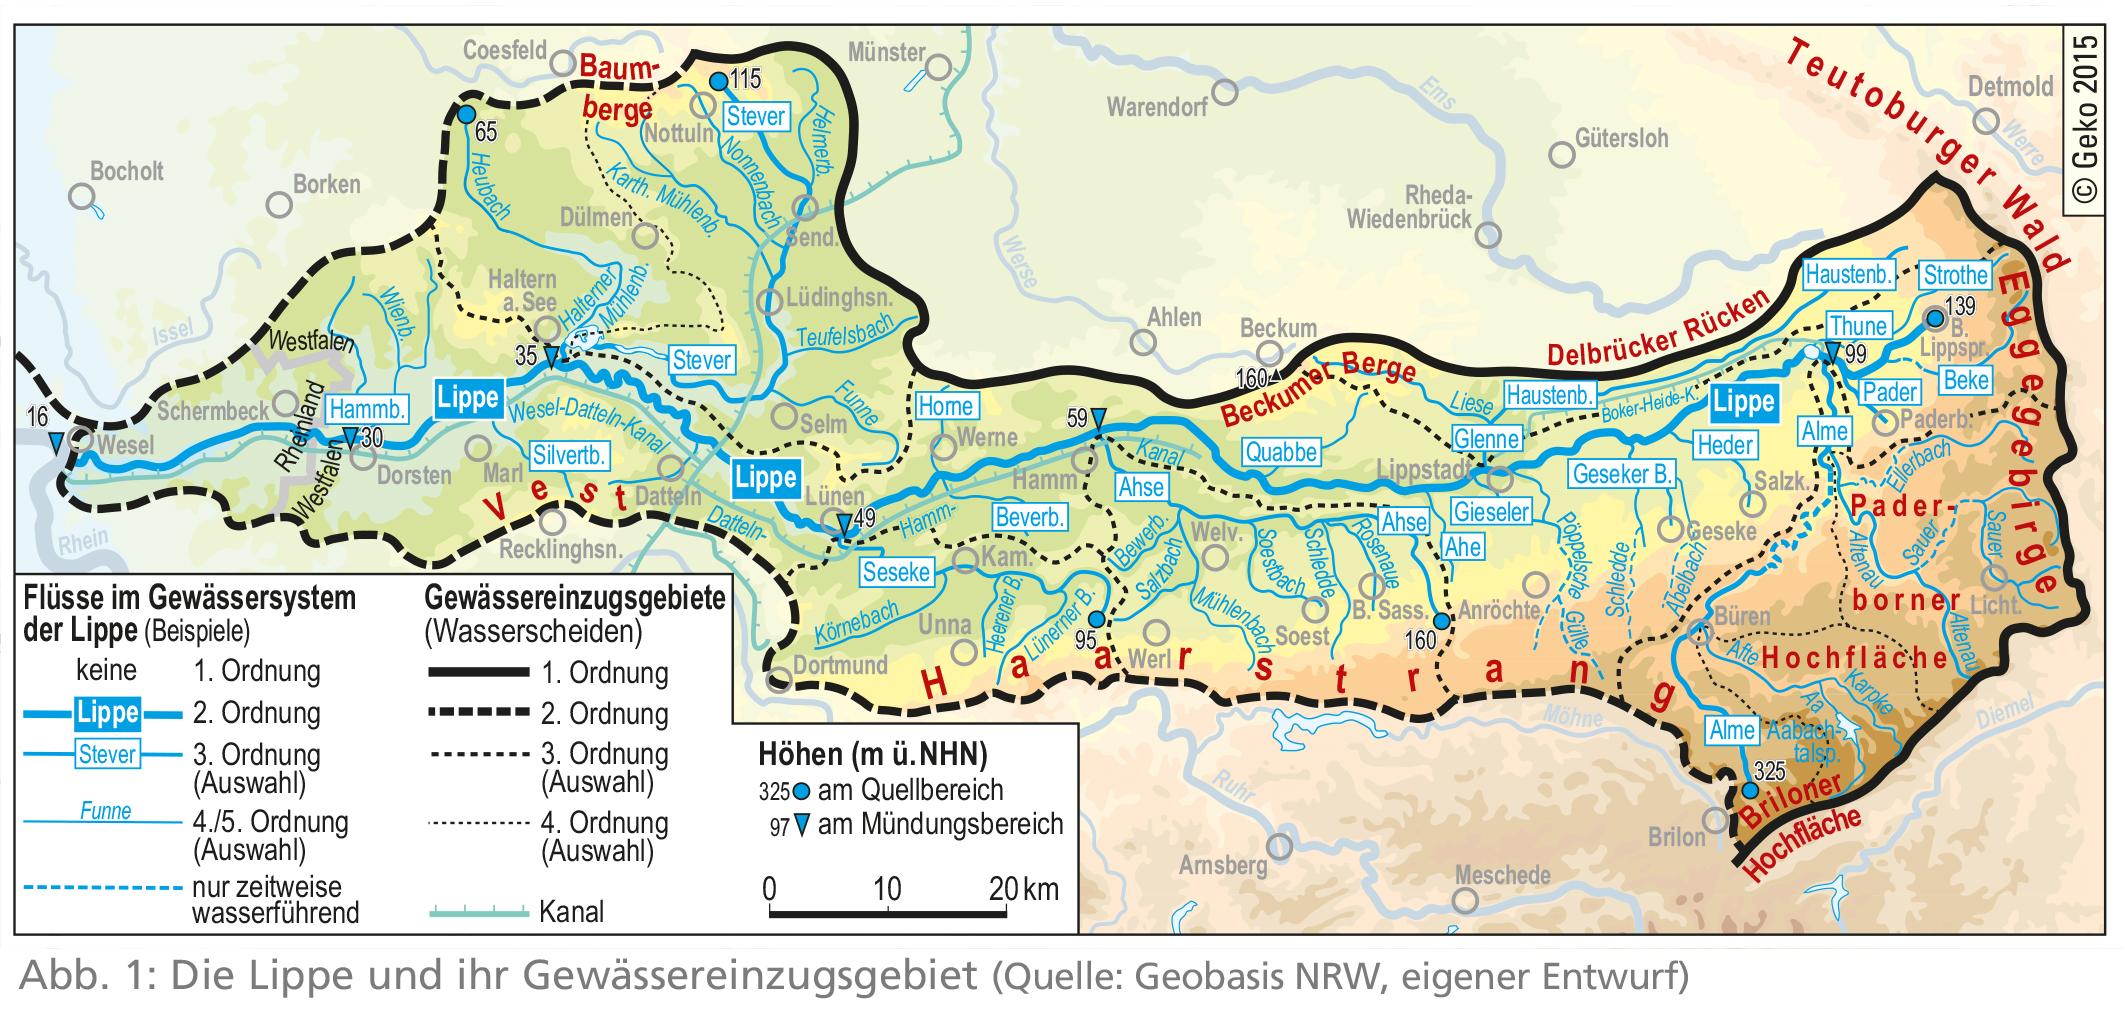 lippe fluss karte LWL   Die Lippe und ihr Gewässereinzugsgebiet   Westfalen Regional lippe fluss karte